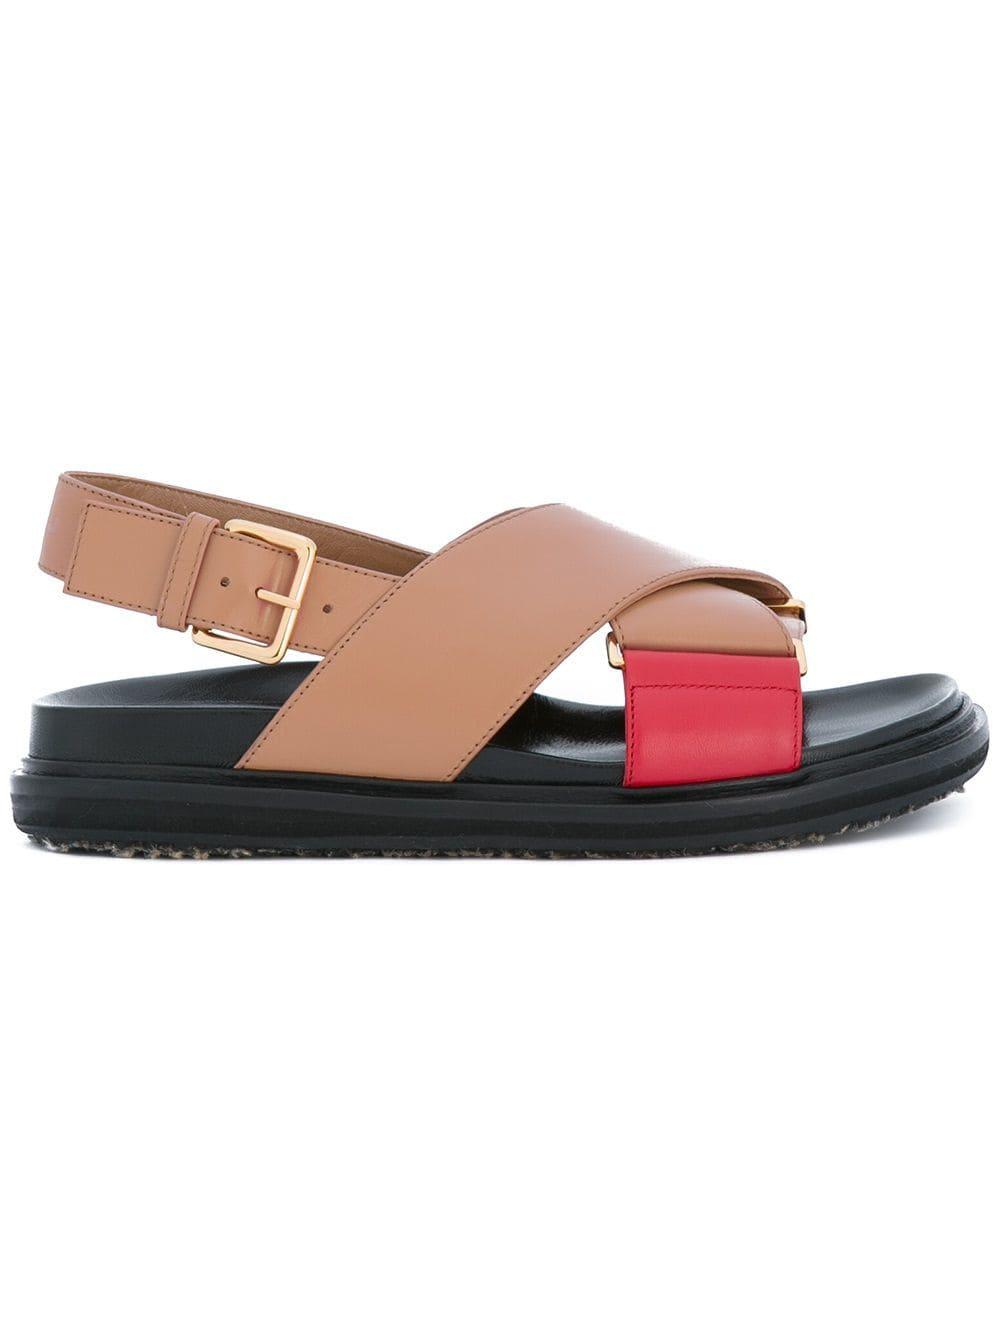 Marni Sandalias Cruzadas Fussbett Farfetch Marni Sandals Fashion Sandals Sandals